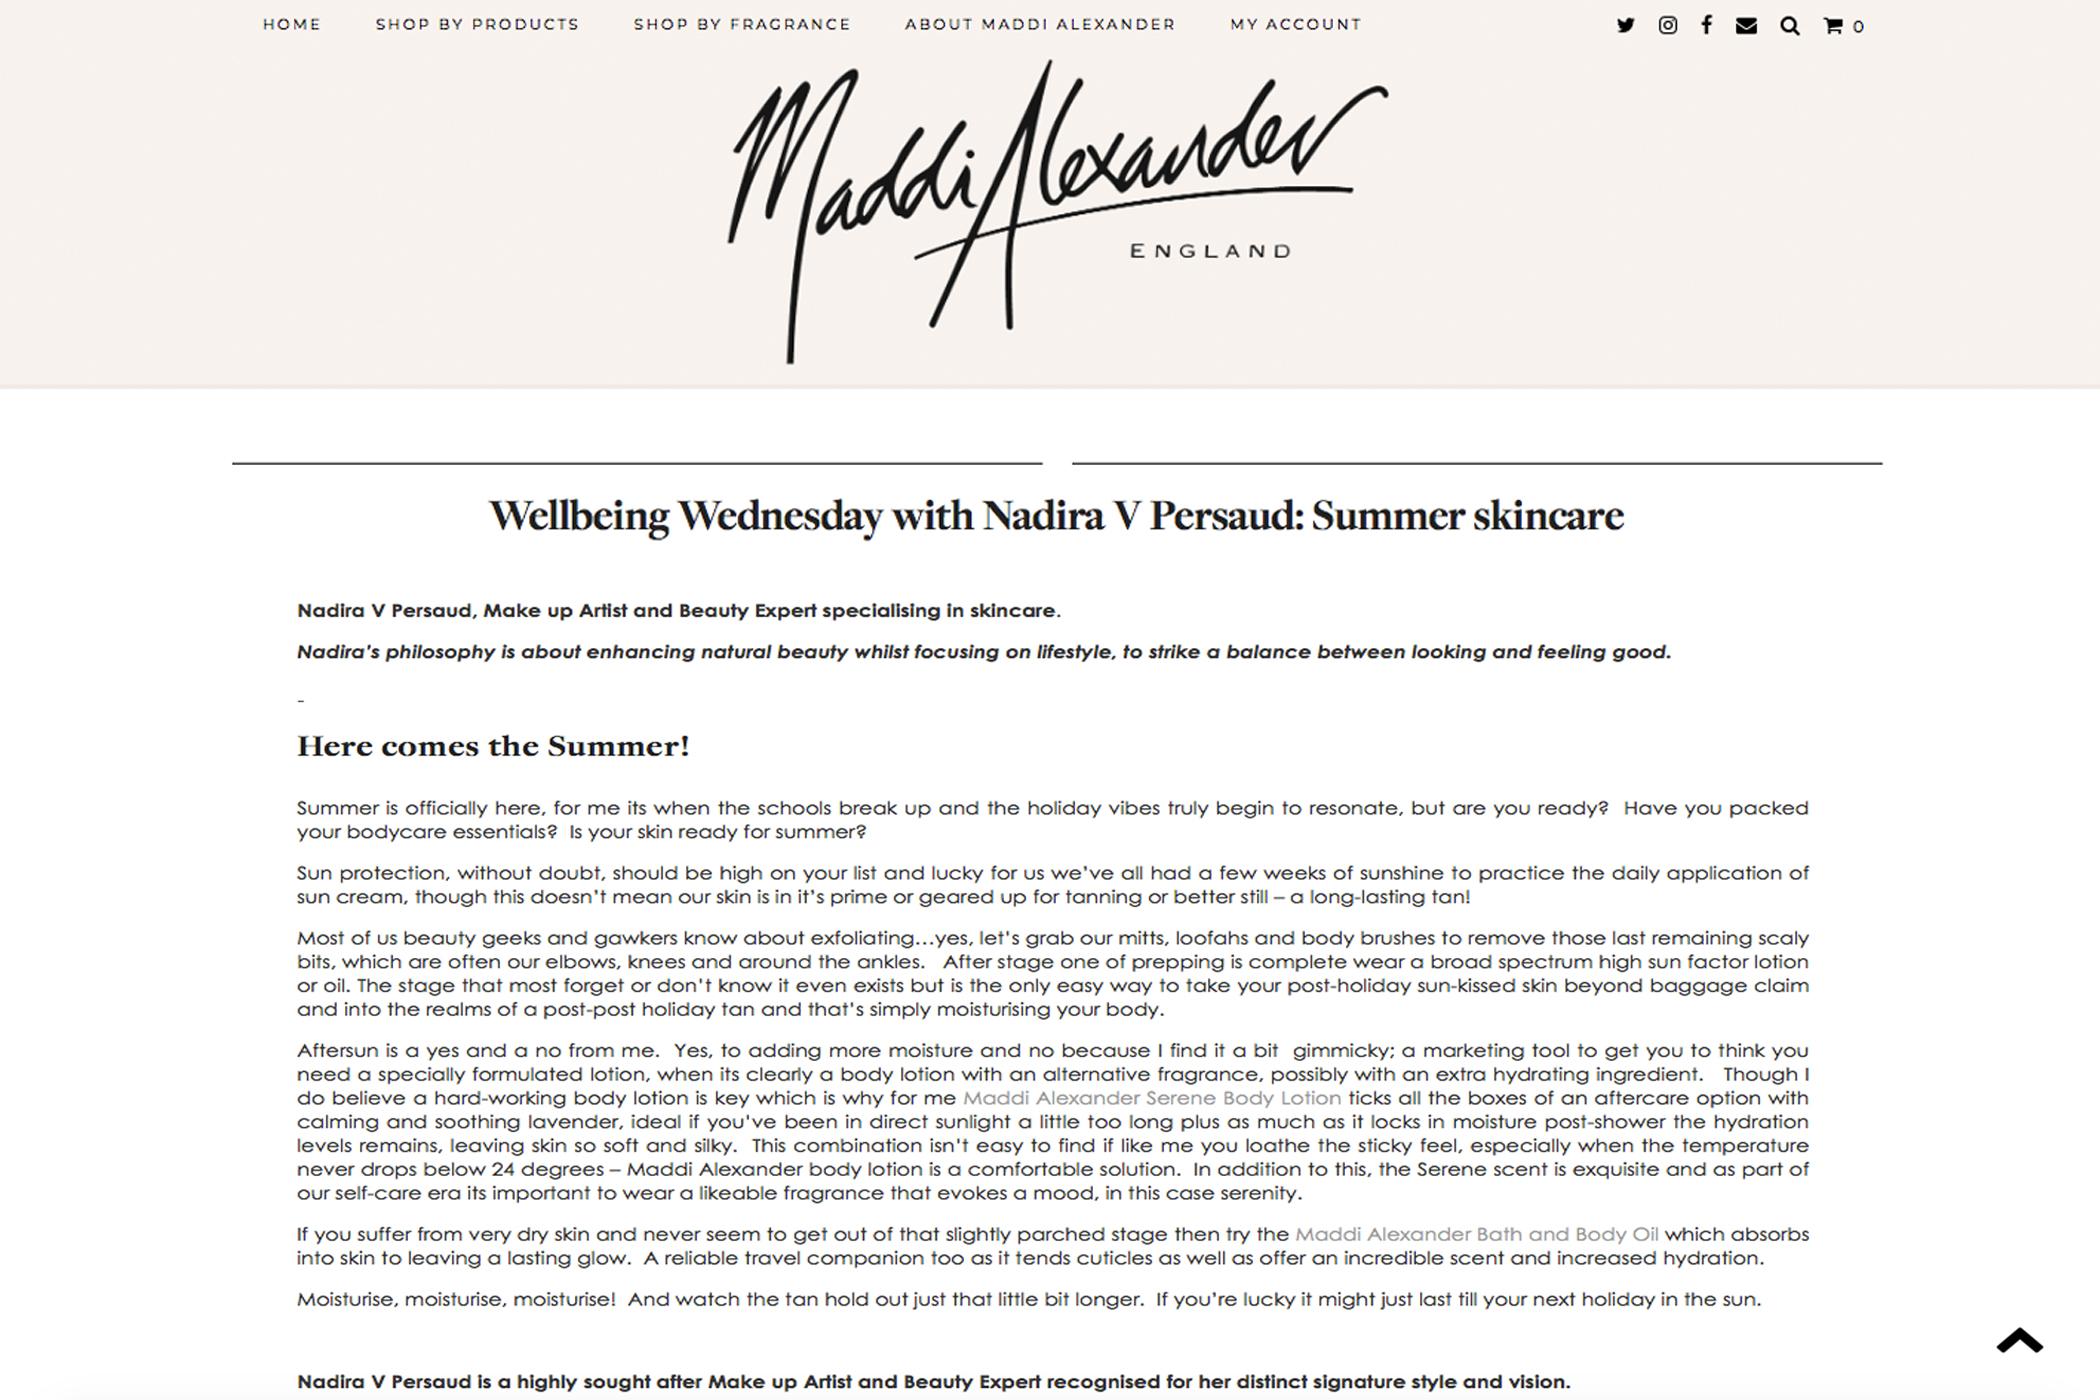 maddialexander.com